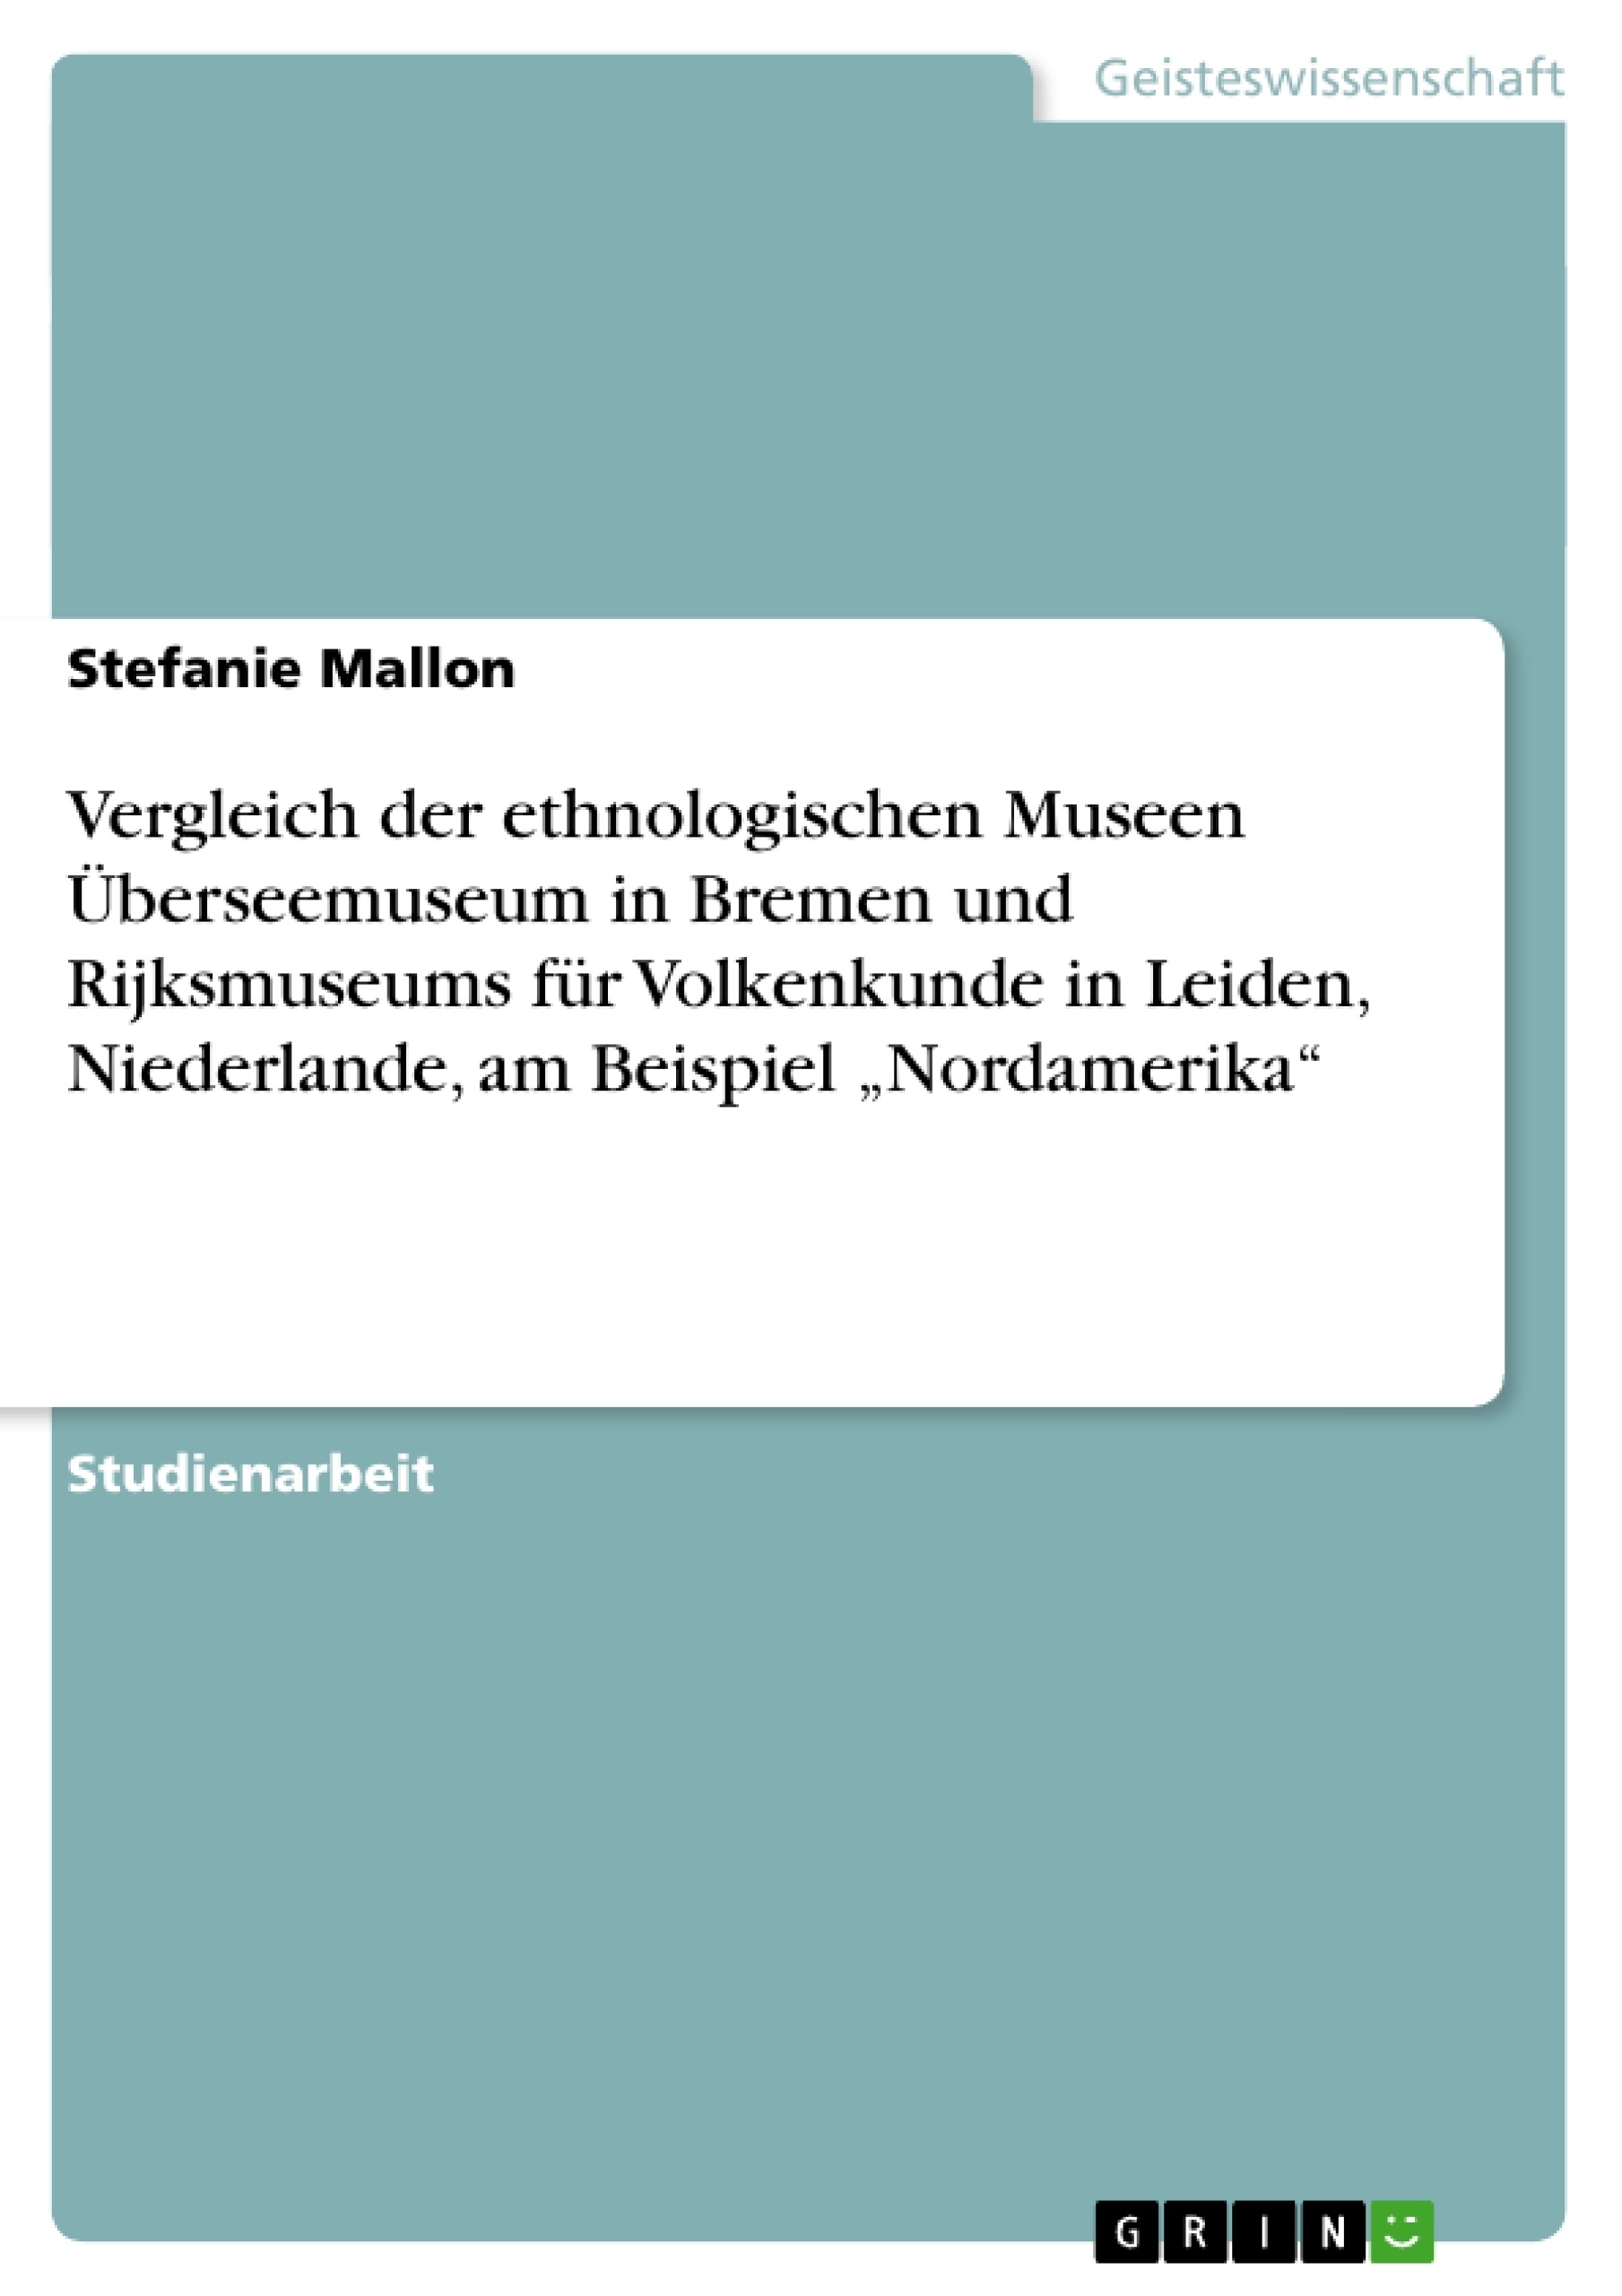 """Titel: Vergleich der ethnologischen Museen Überseemuseum in Bremen und Rijksmuseums für Volkenkunde in Leiden, Niederlande, am Beispiel """"Nordamerika"""""""